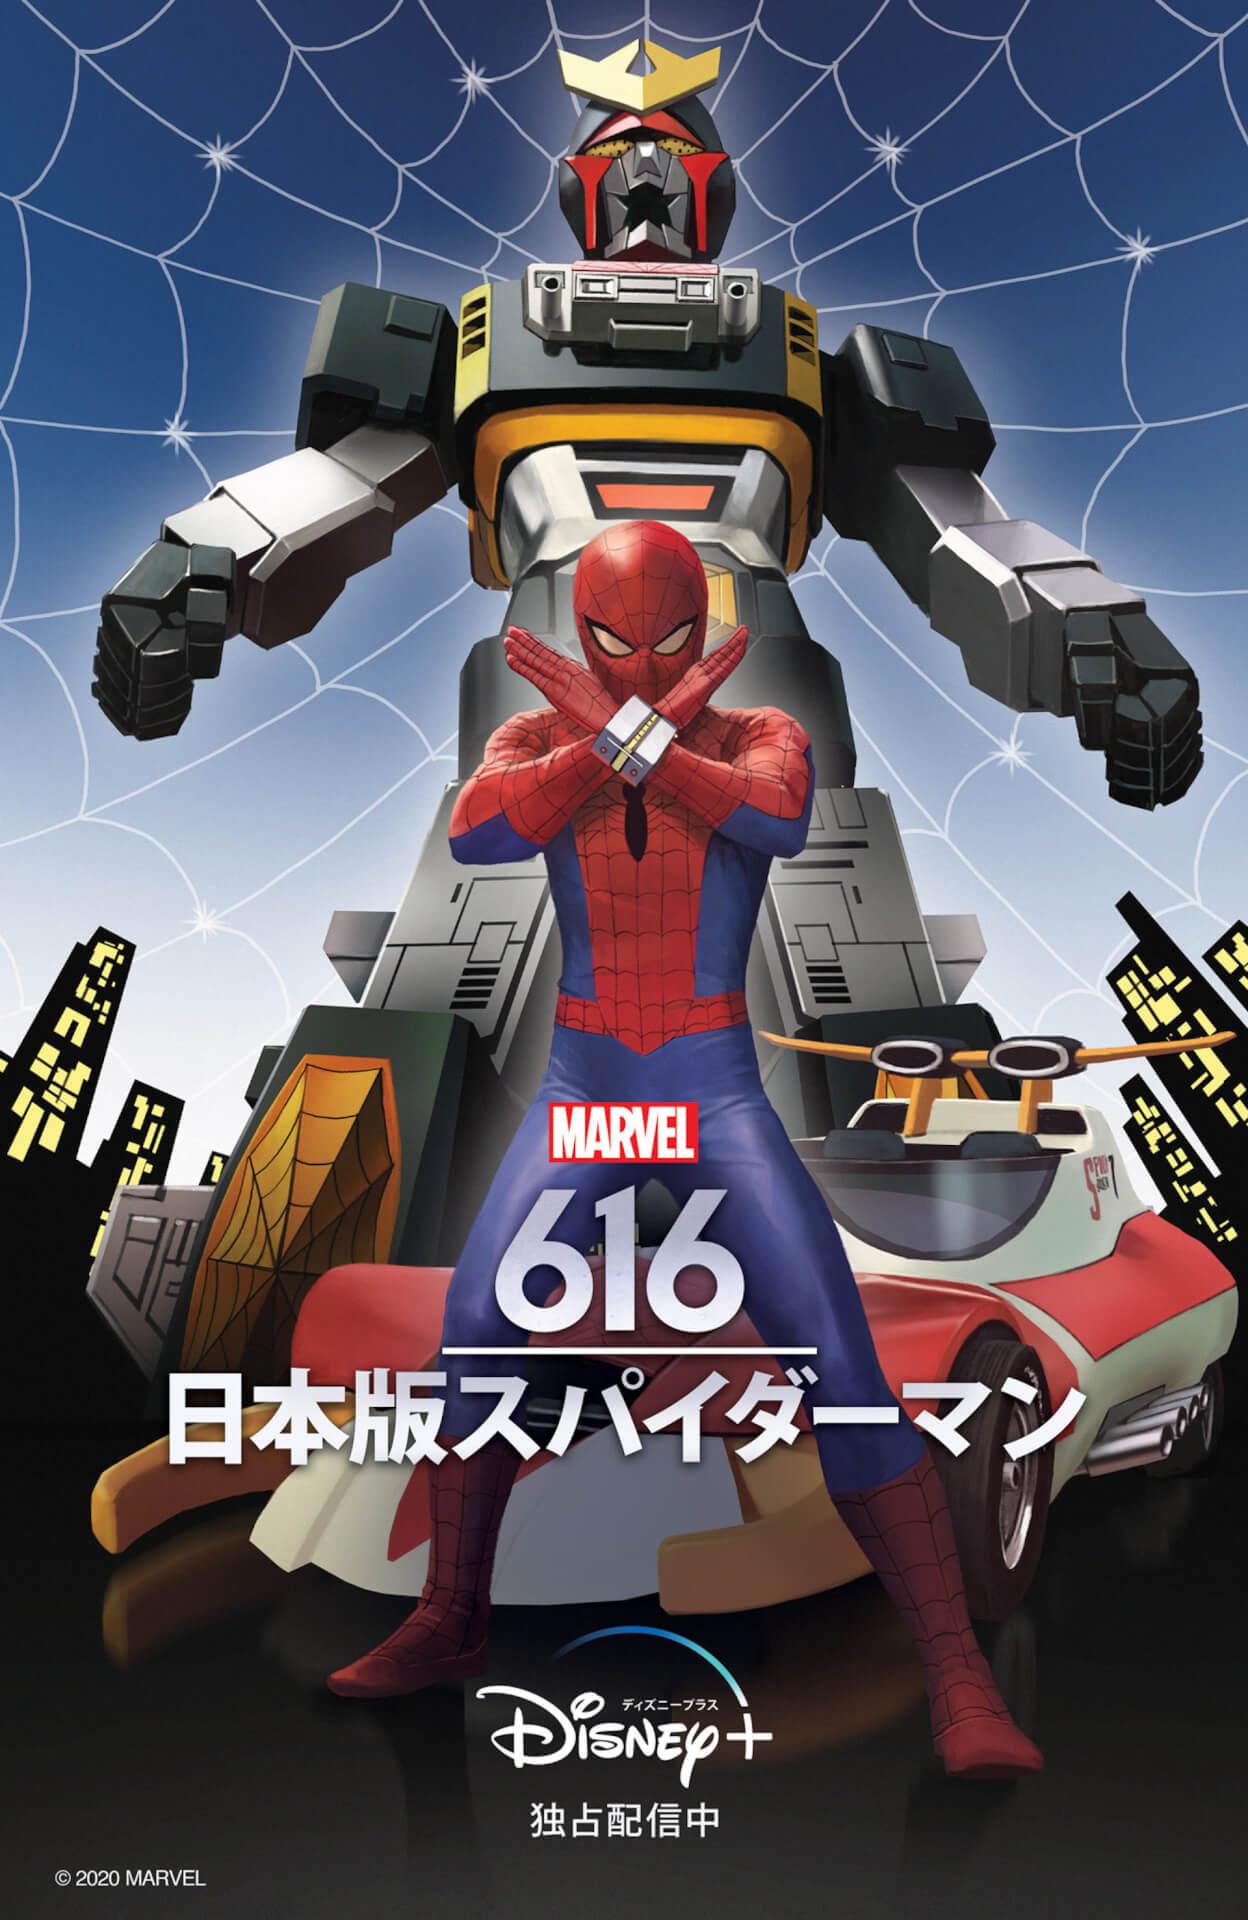 『東映版スパイダーマン』の魅力に迫る!?『マーベル616』を手がけたデヴィッド・ゲルブ監督にインタビュー interview201211_marvel616_1